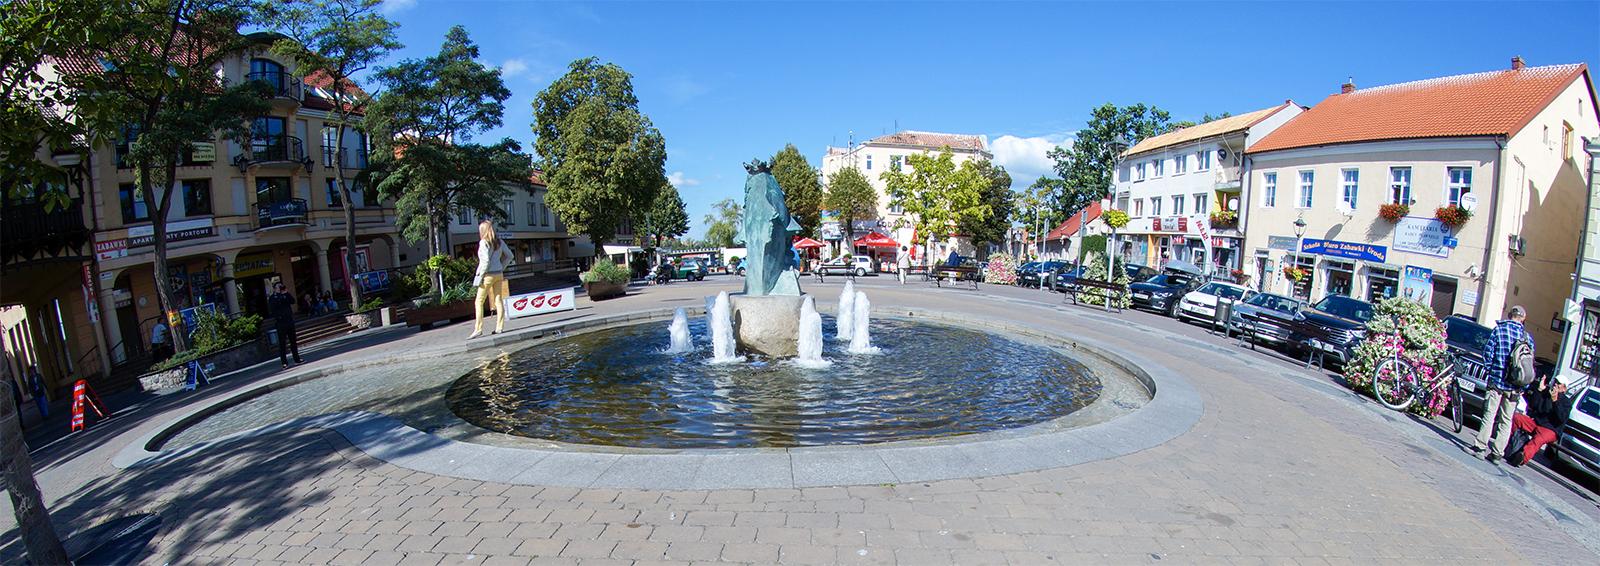 Noclegi w Mikołajkach. centrum Mikołajek